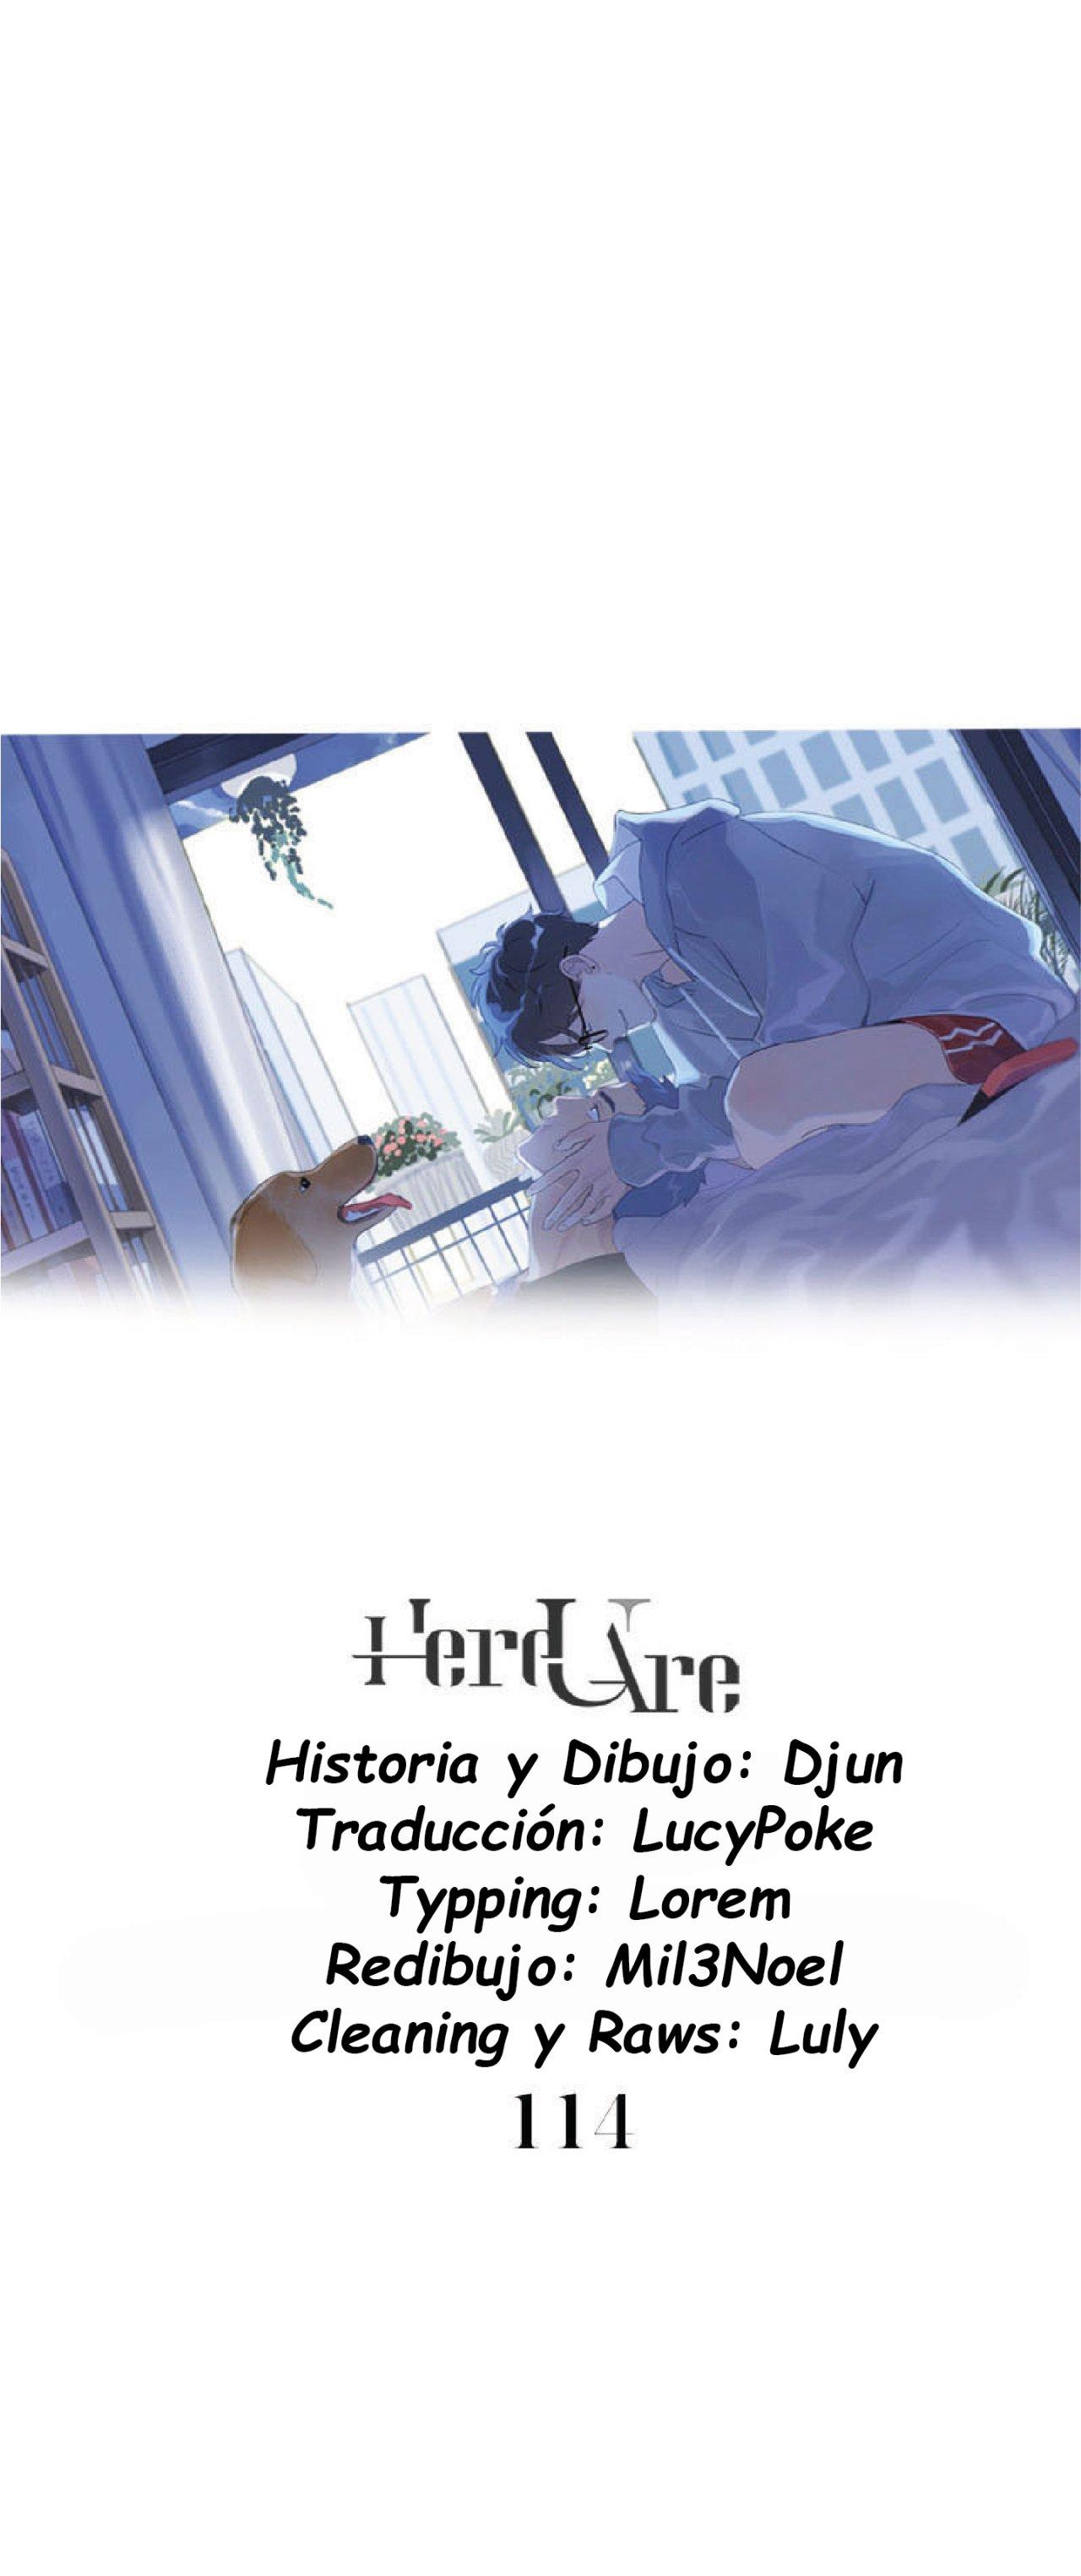 https://nine.mangadogs.com/es_manga/pic8/29/24925/940269/237b8cdbd0dce01f229e155408d1ef66.jpg Page 1